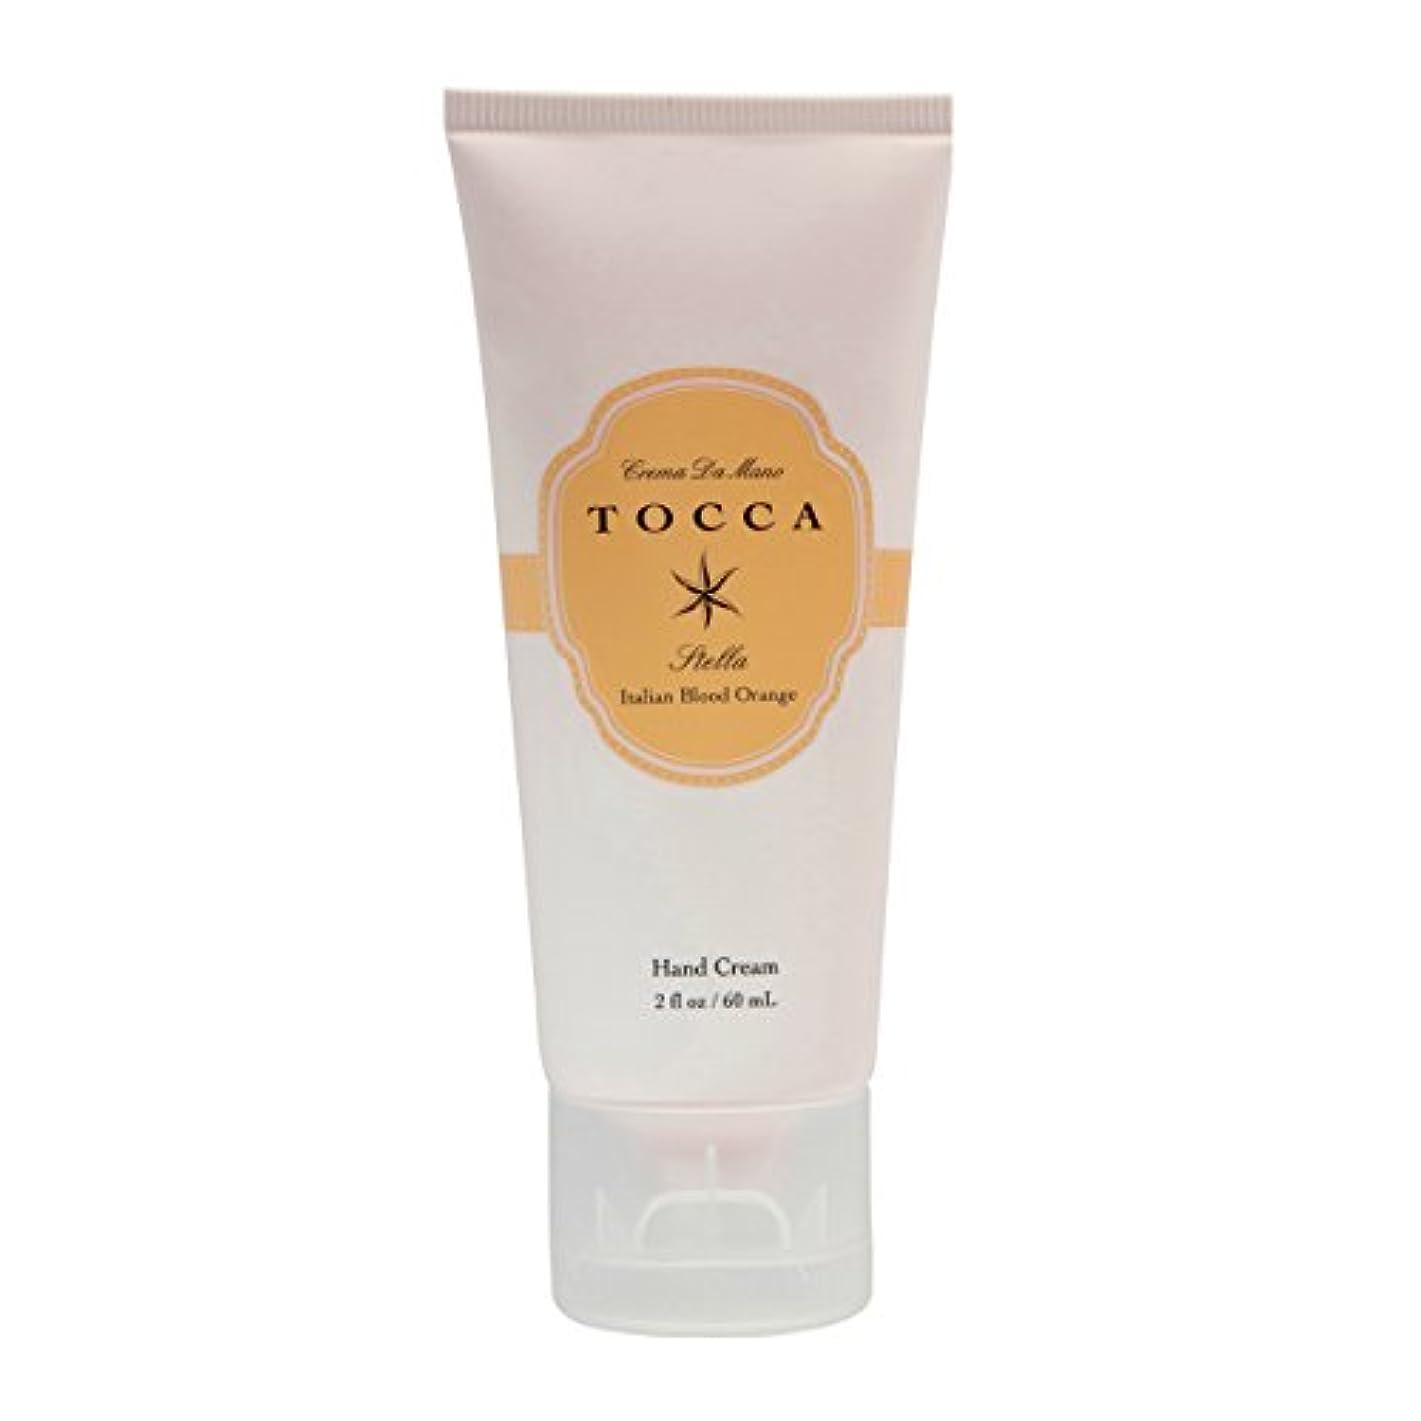 アクセル避けられない強風トッカ(TOCCA) ハンドクリーム  ステラの香り 60ml(手指用保湿 イタリアンブラッドオレンジが奏でるフレッシュでビターな爽やかさ漂う香り)